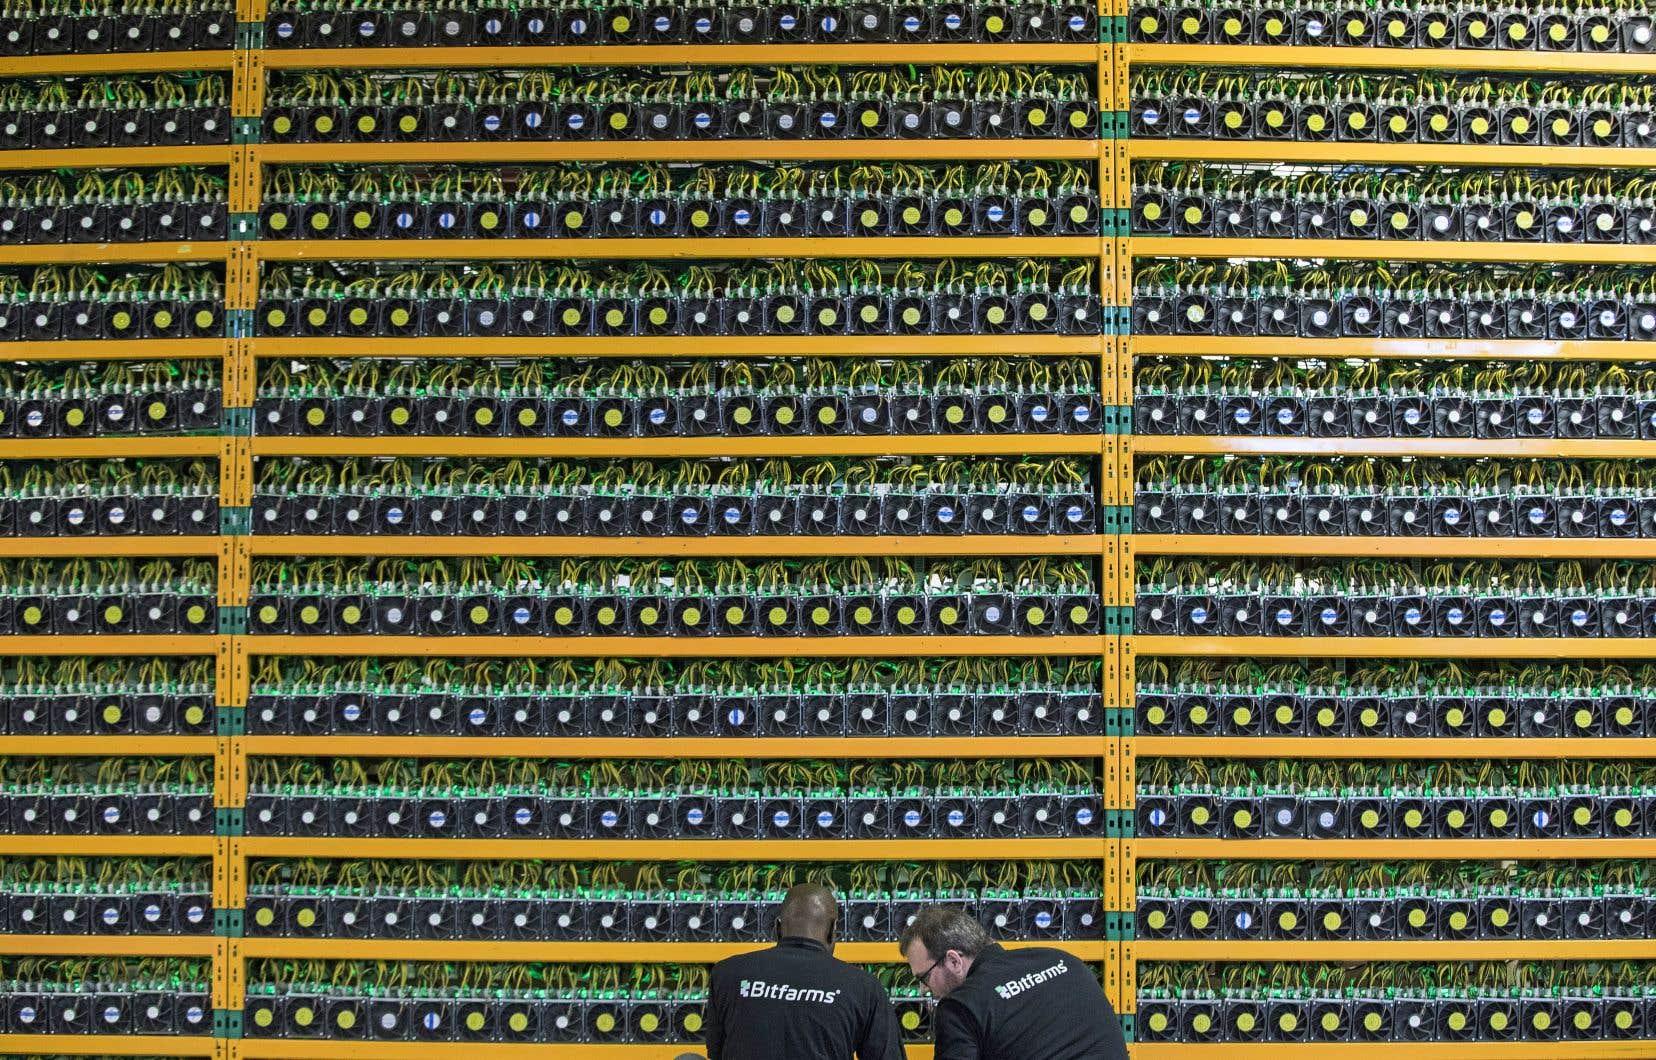 Deux techniciens de Bitfarms, à Saint-Hyacinthe, inspectent l'équipement de minage de la cryptomonnaie.